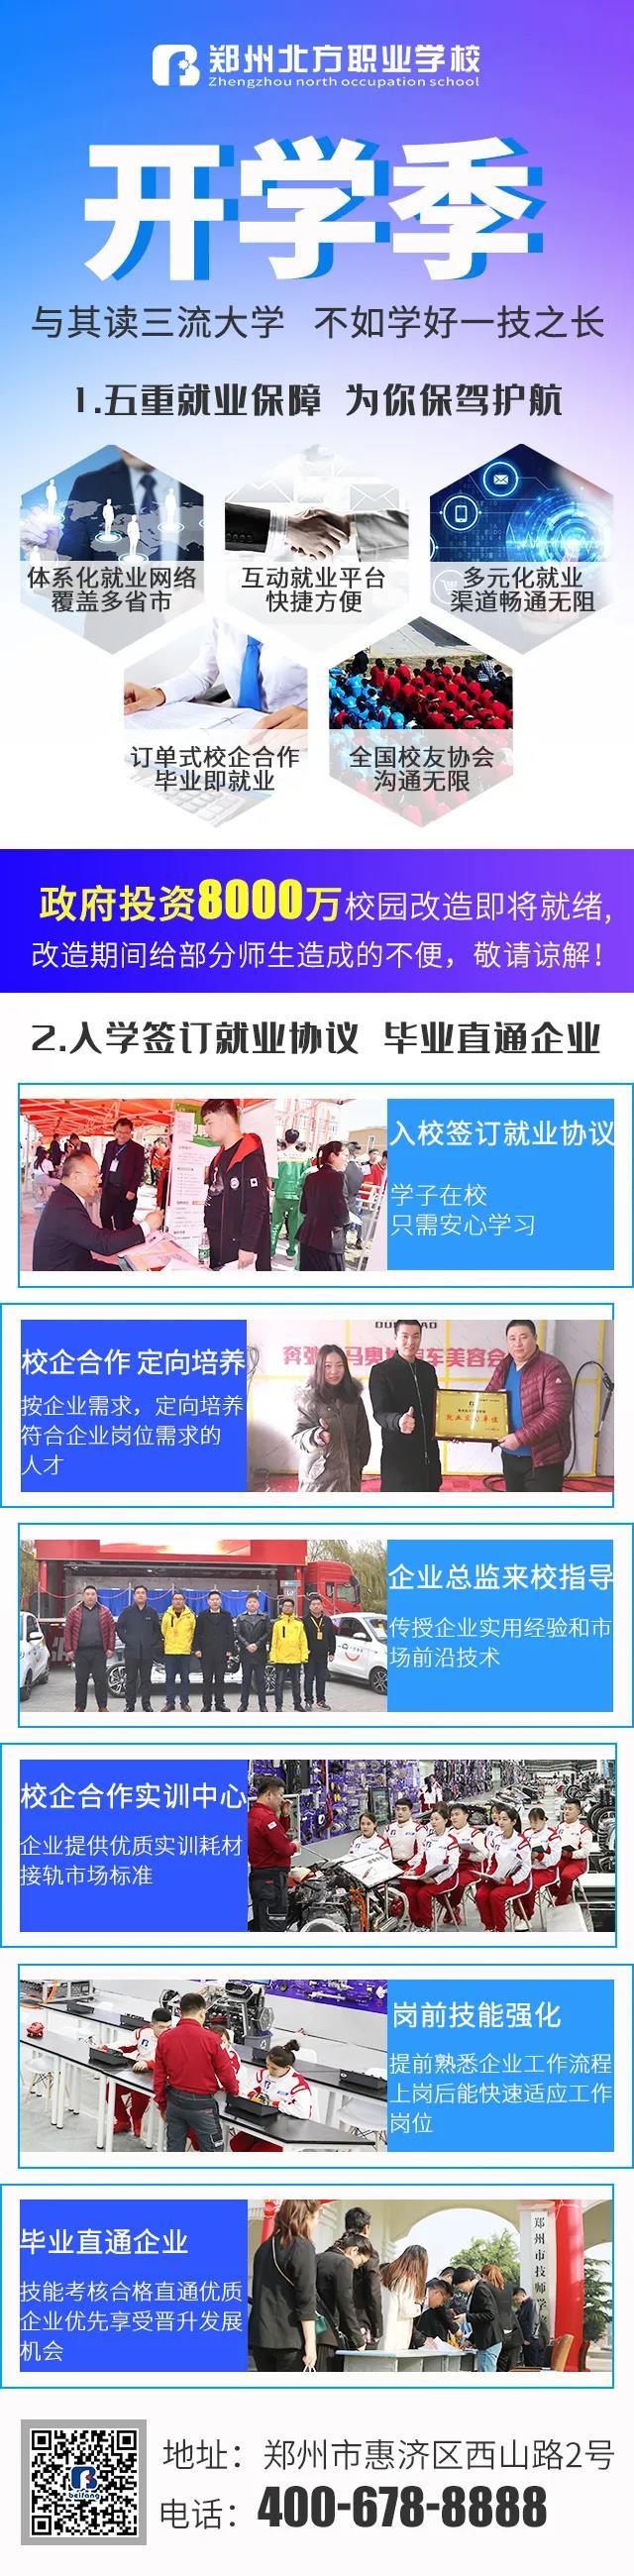 郑州北方汽车学校.jpg